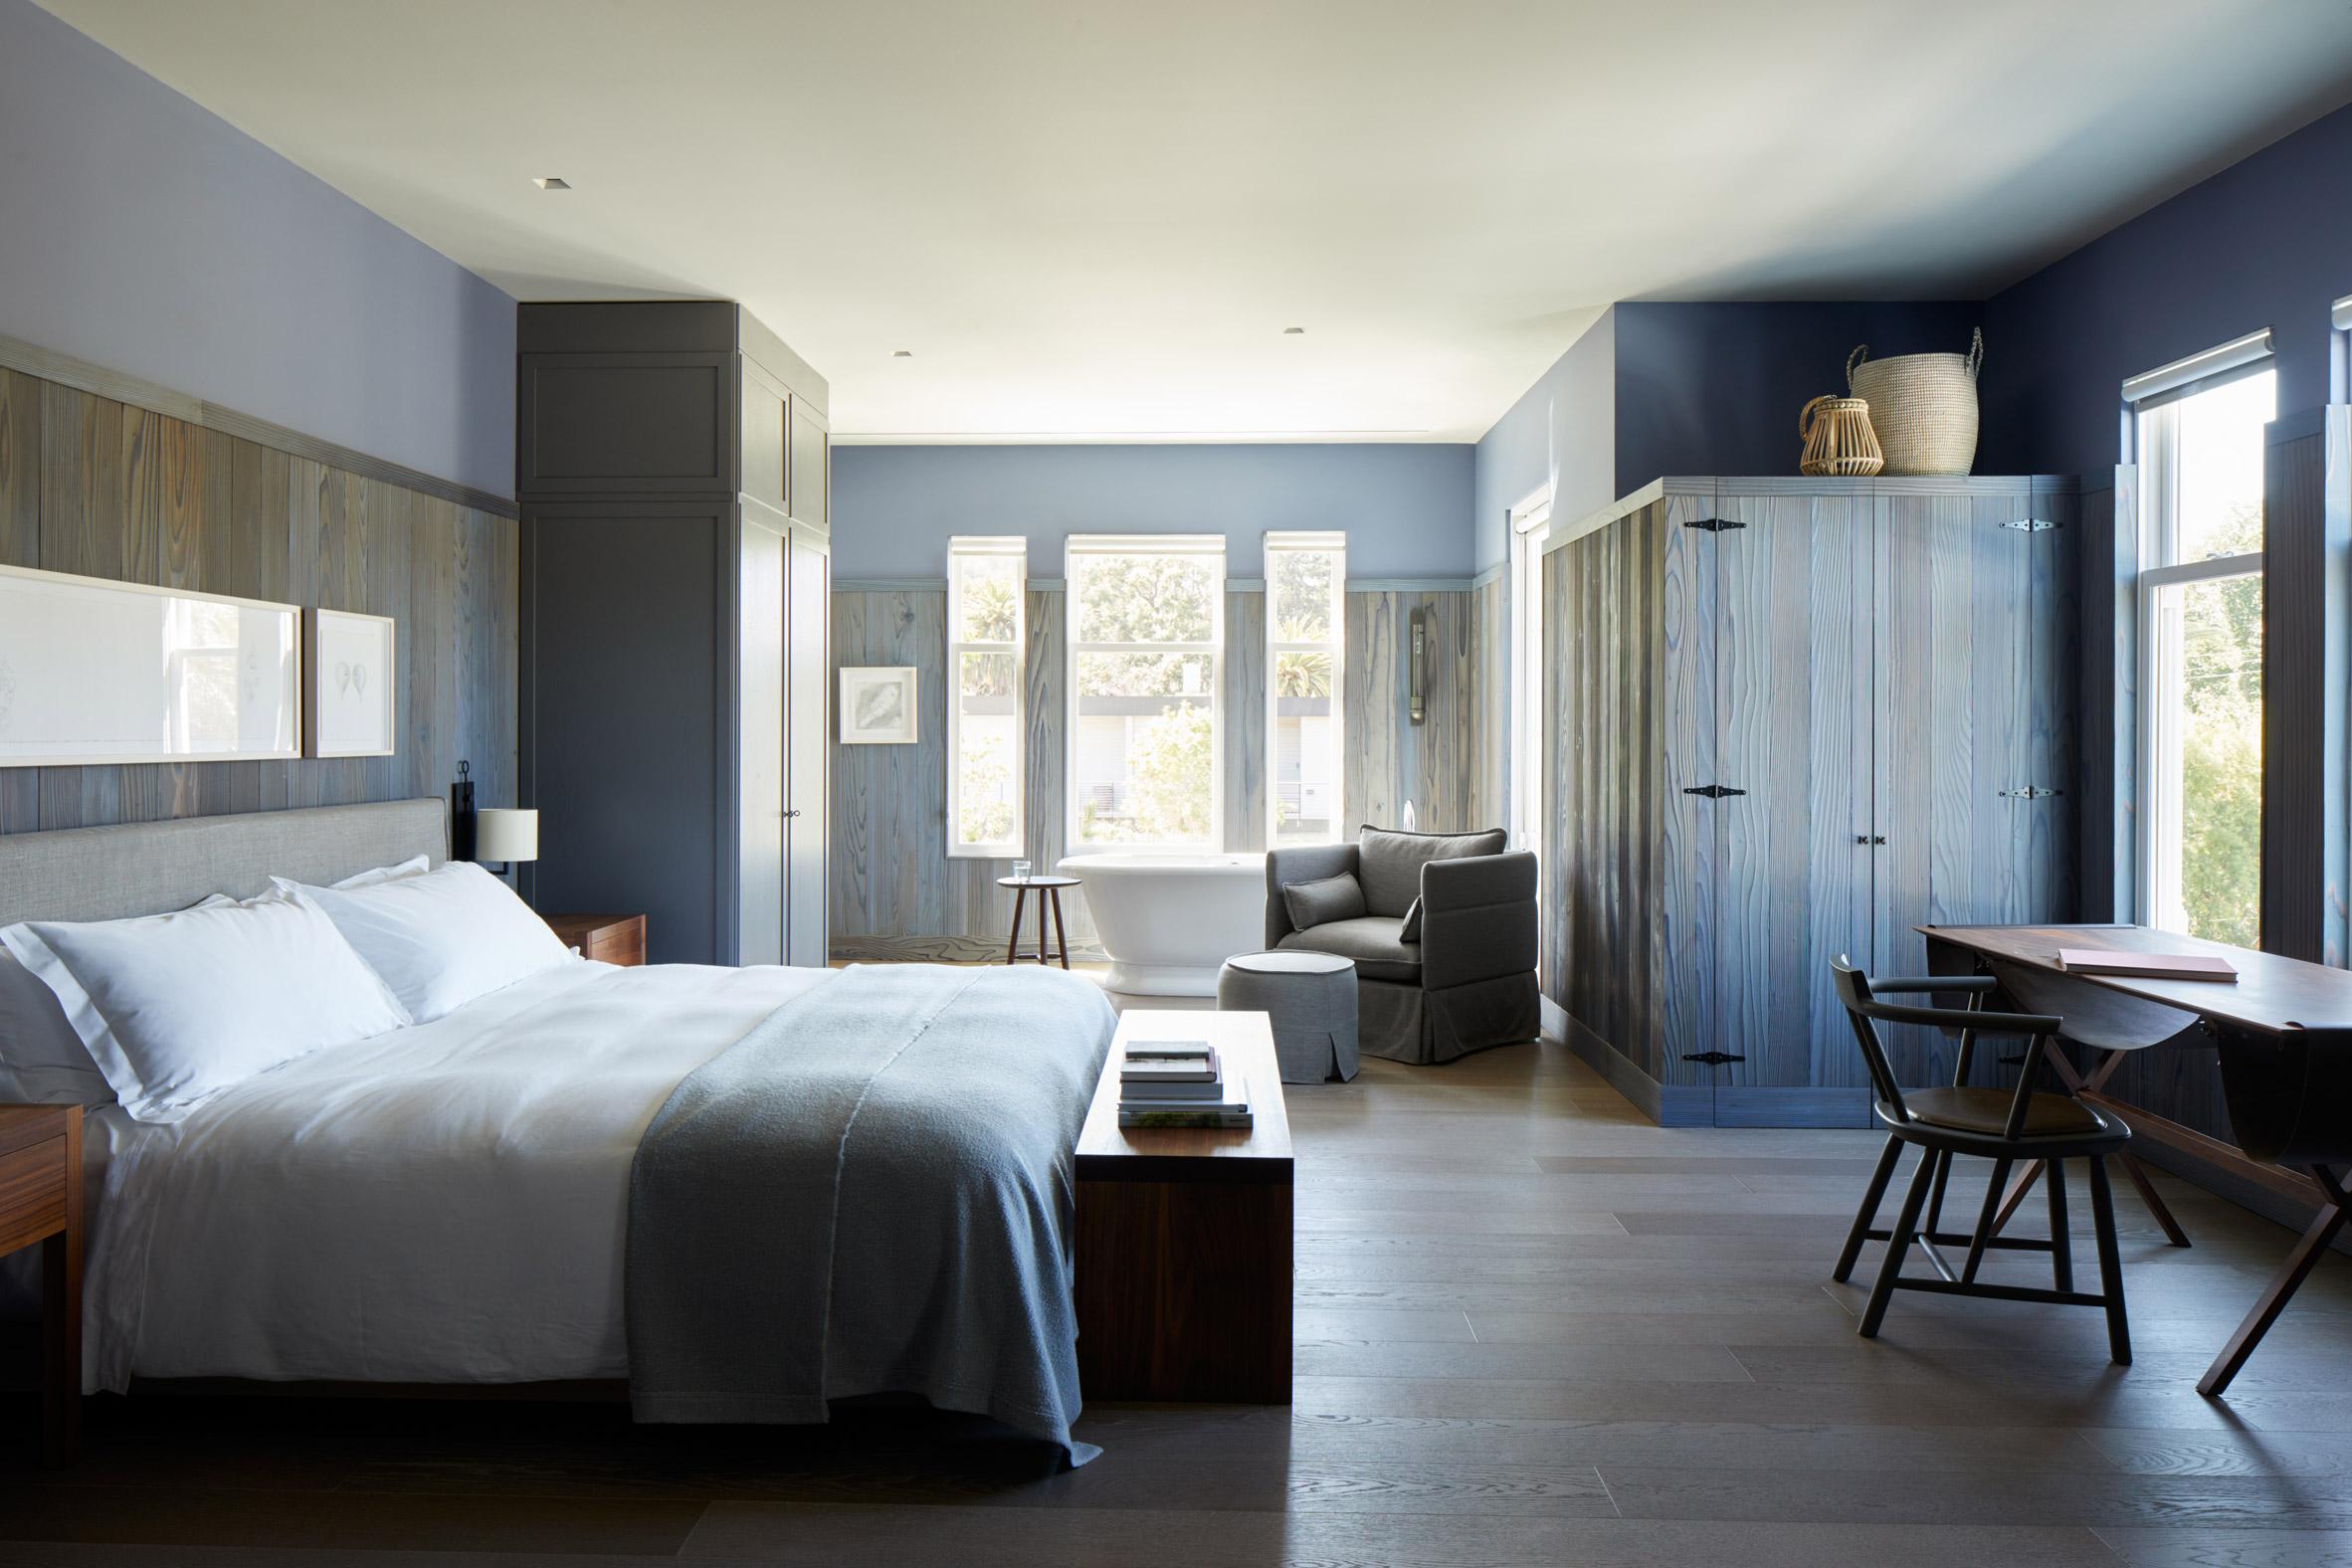 Thiết kế nội thất phòng ngủ khách sạn 8